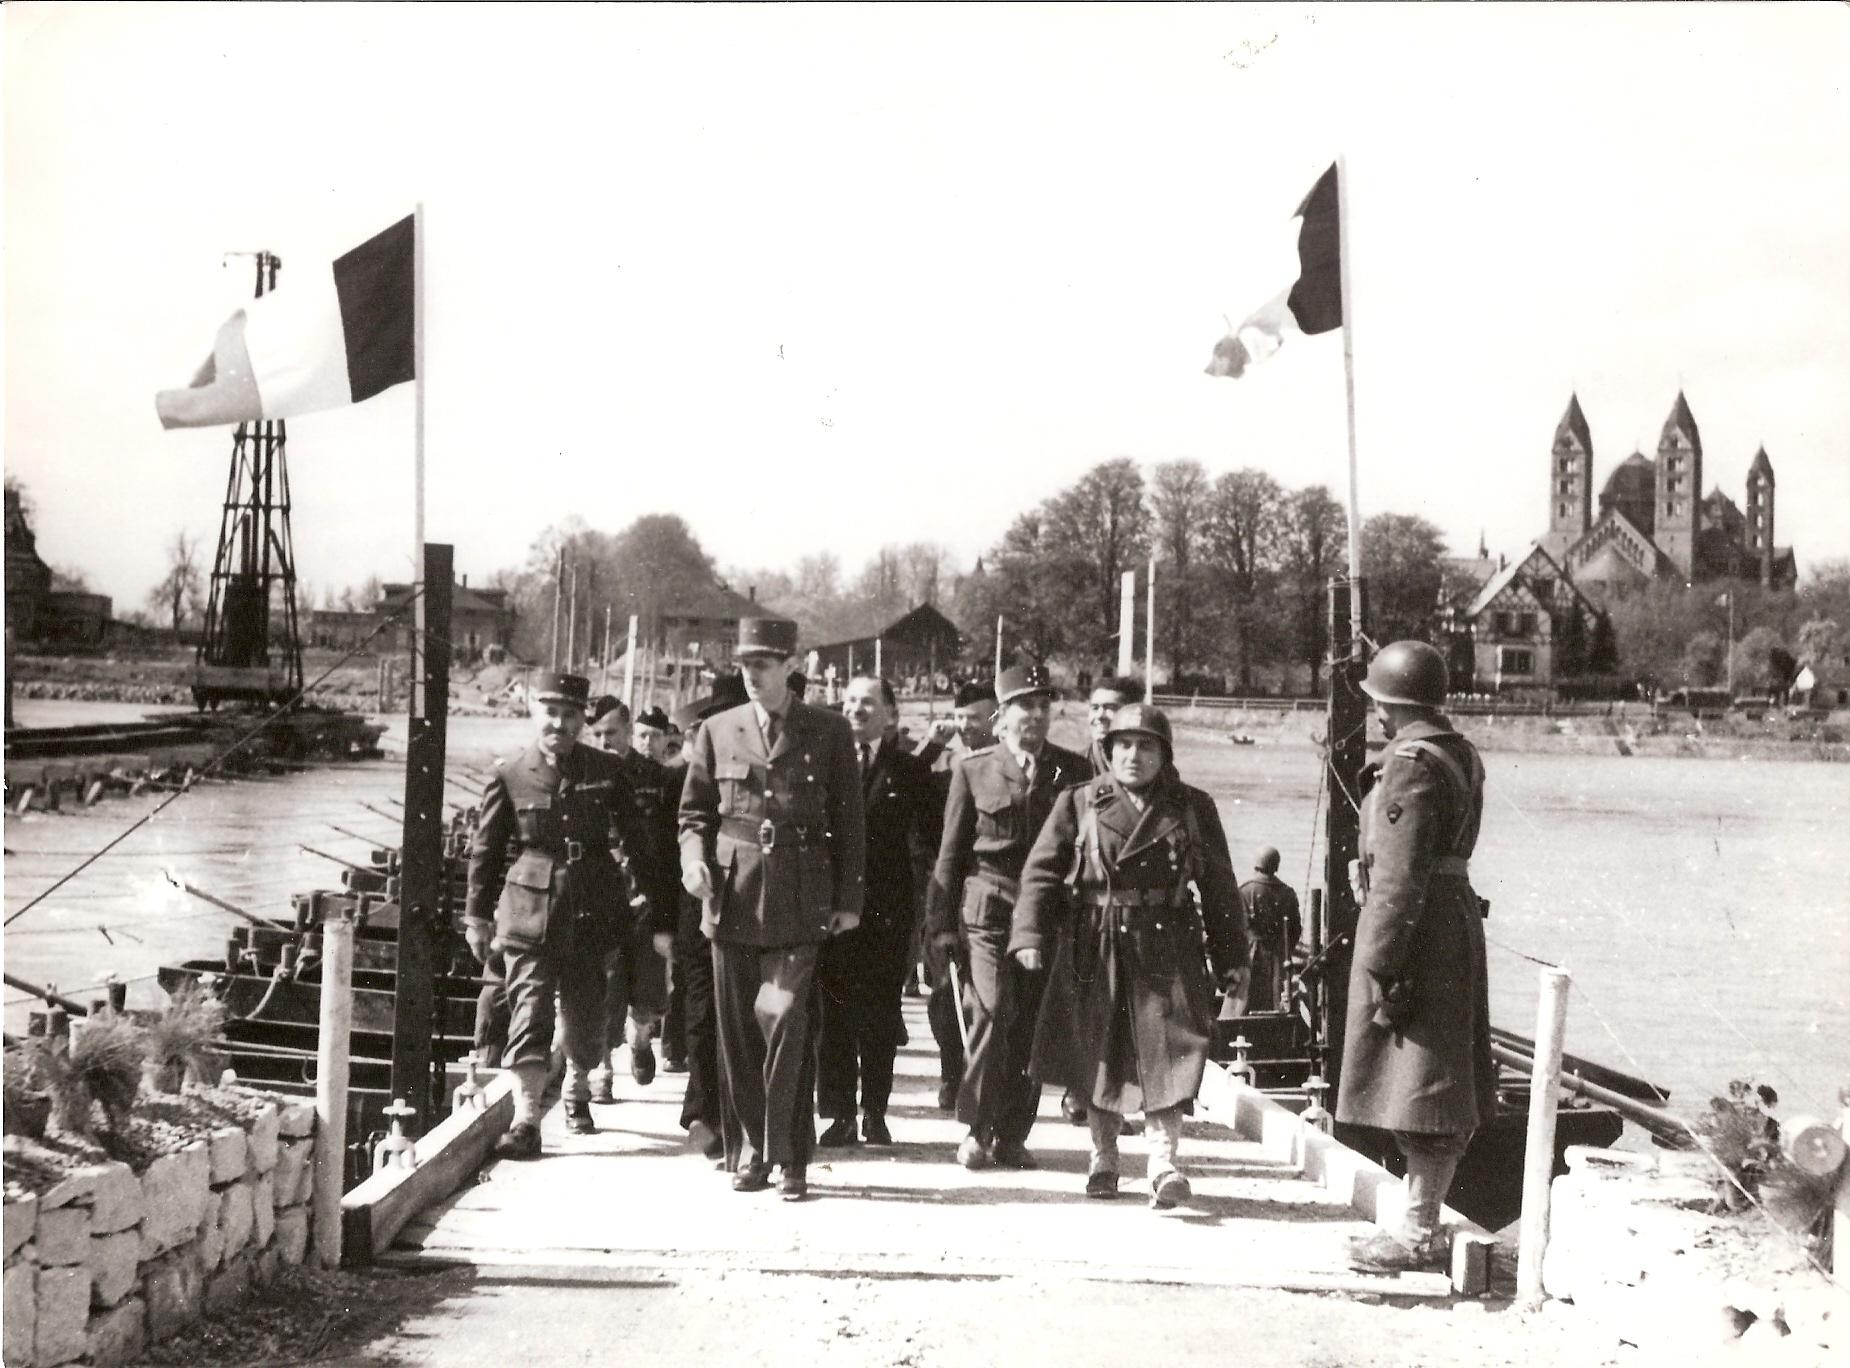 La victoire impériale du général de Lattre, par Michel Droit de l'Académie française